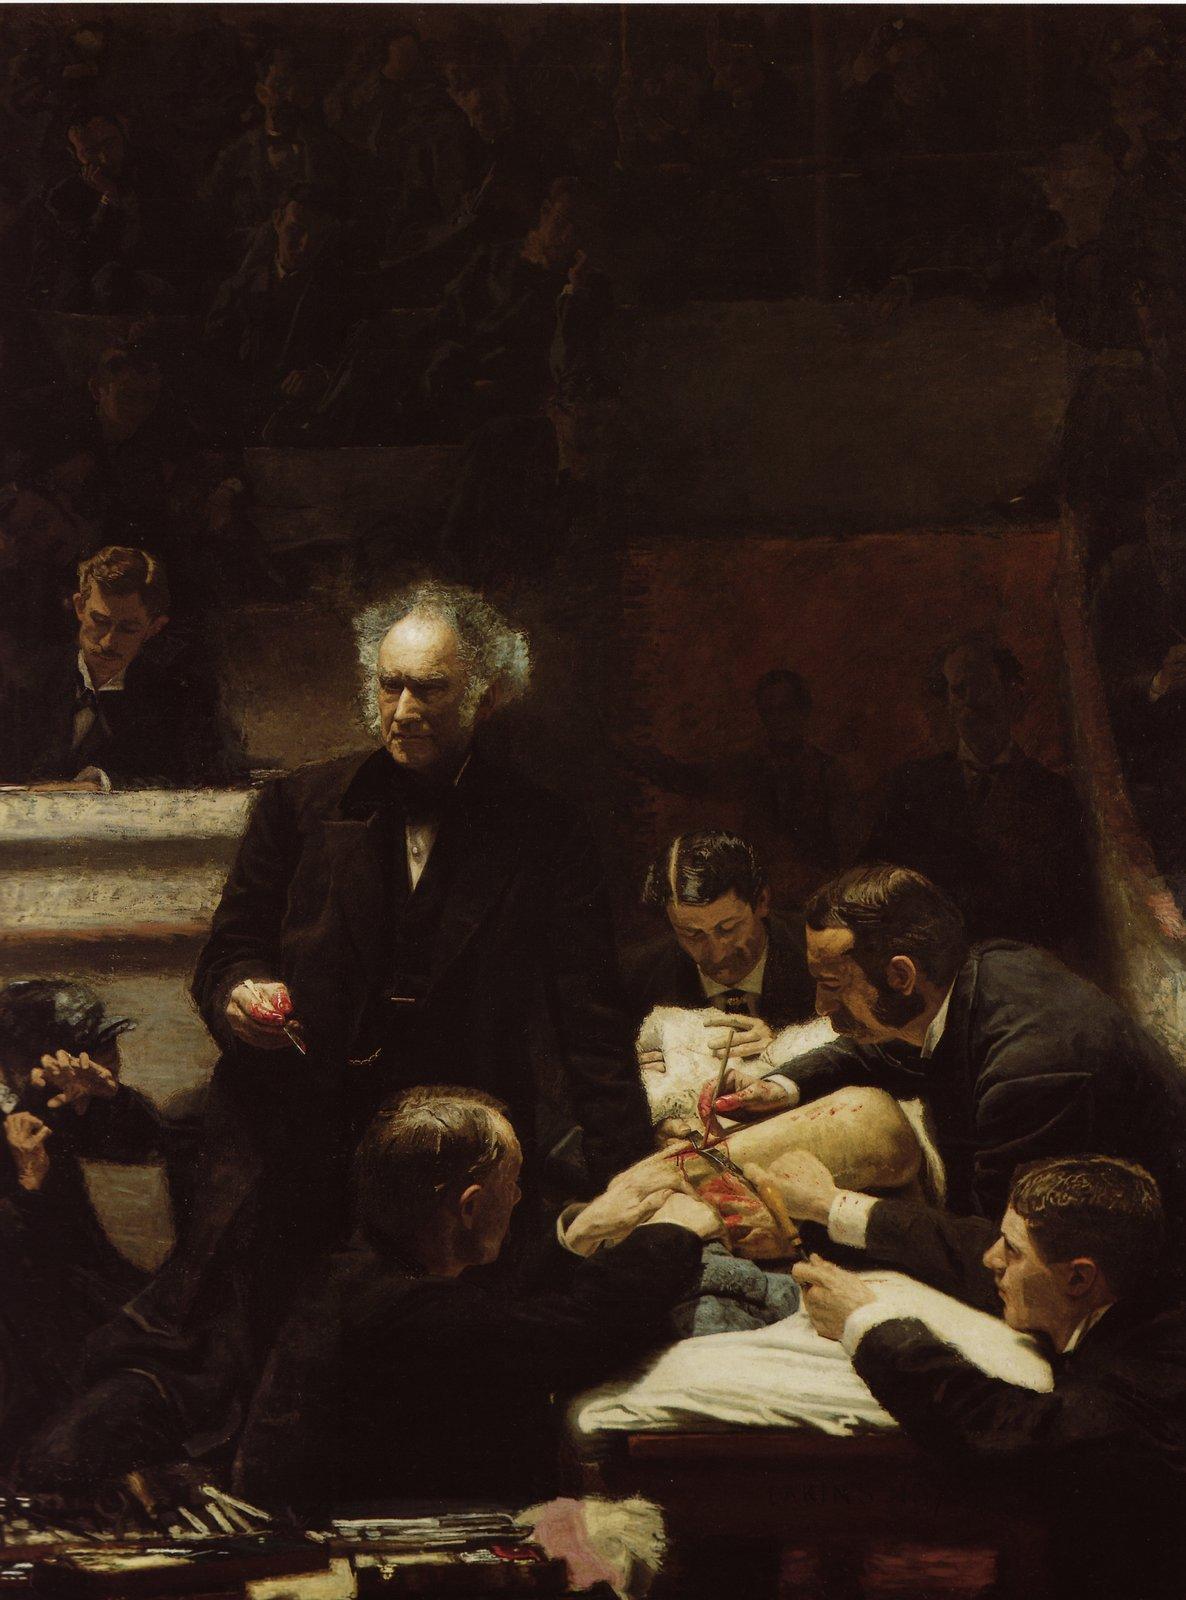 Klinika doktora Grossa Źródło: Thomas Eakins, Klinika doktora Grossa, 1875, olej na płótnie, Philadelphia Museum of Art, domena publiczna.